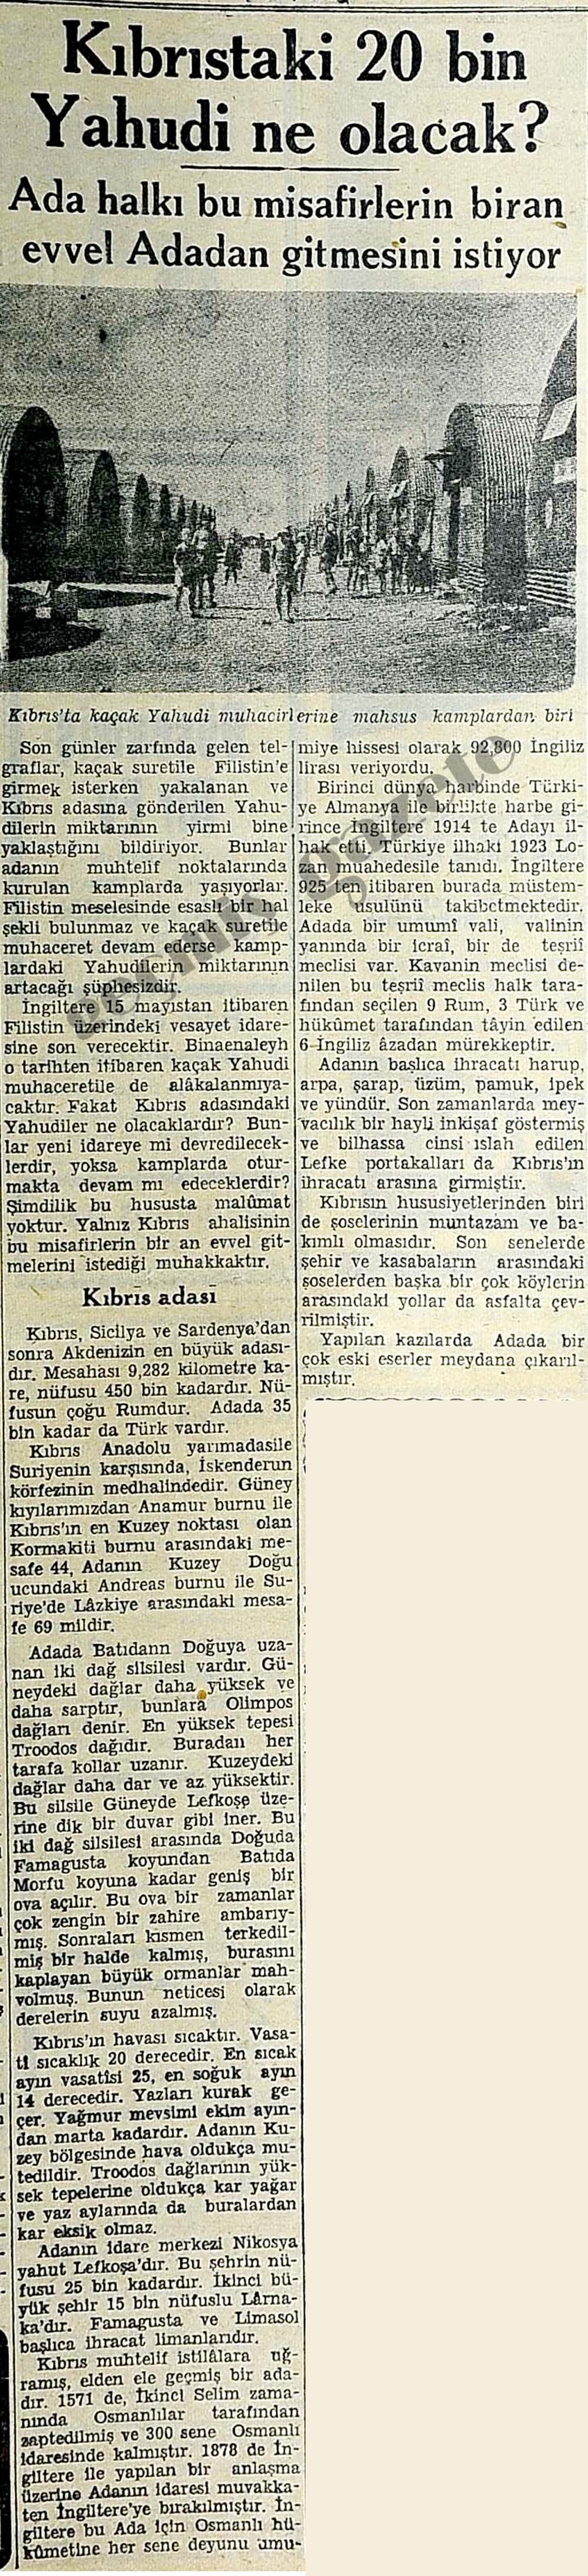 Kıbrıstaki 20 bin Yahudi ne olacak?